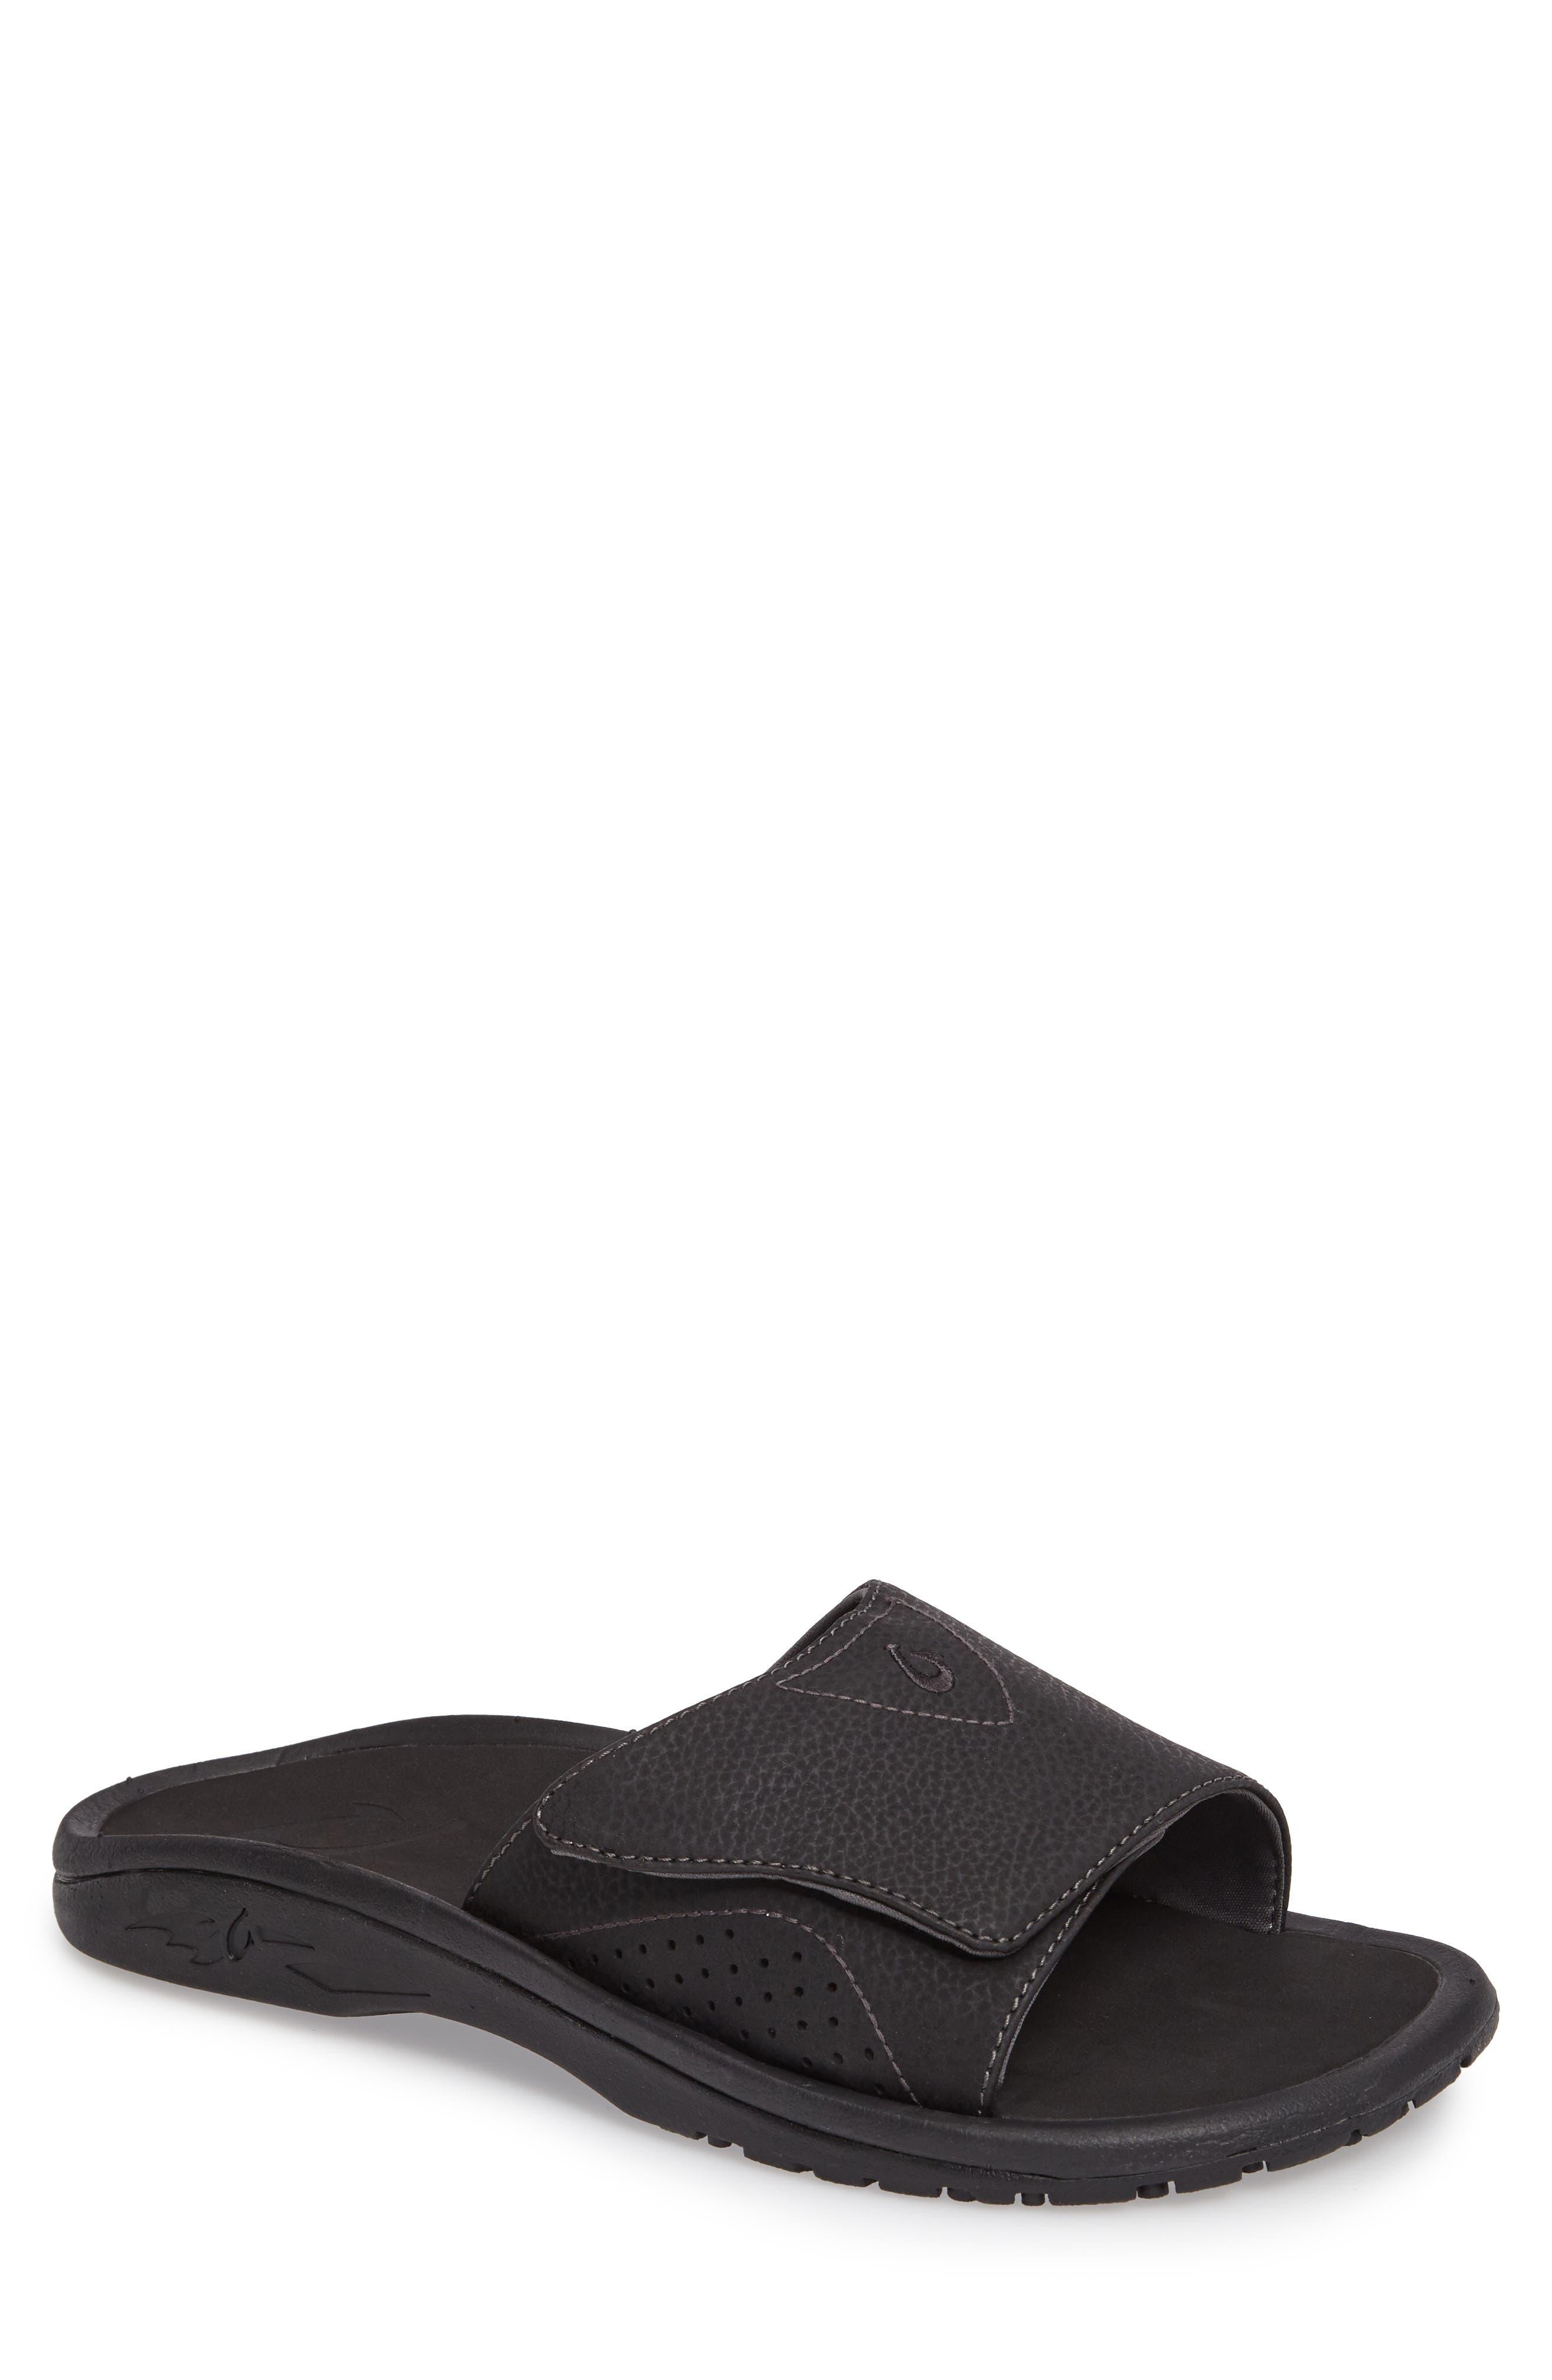 Nalu Slide Sandal,                             Main thumbnail 1, color,                             BLACK/ BLACK